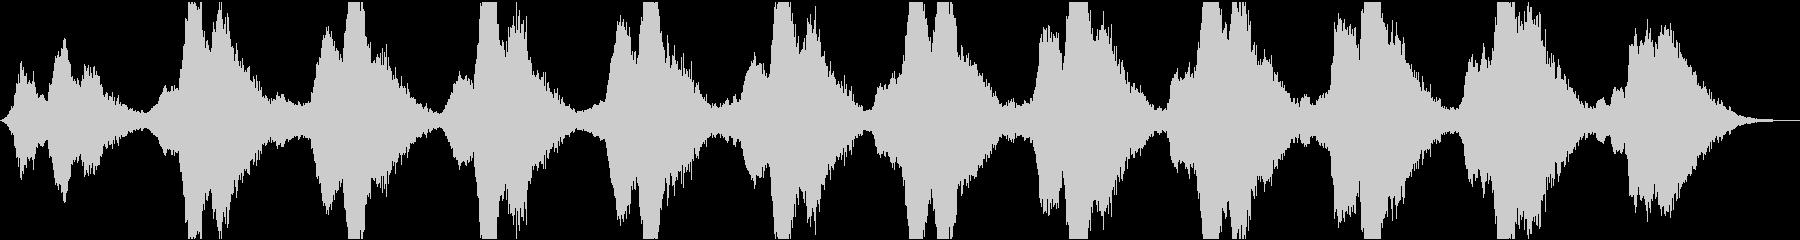 動画9 24bit44.1kHzVerの未再生の波形